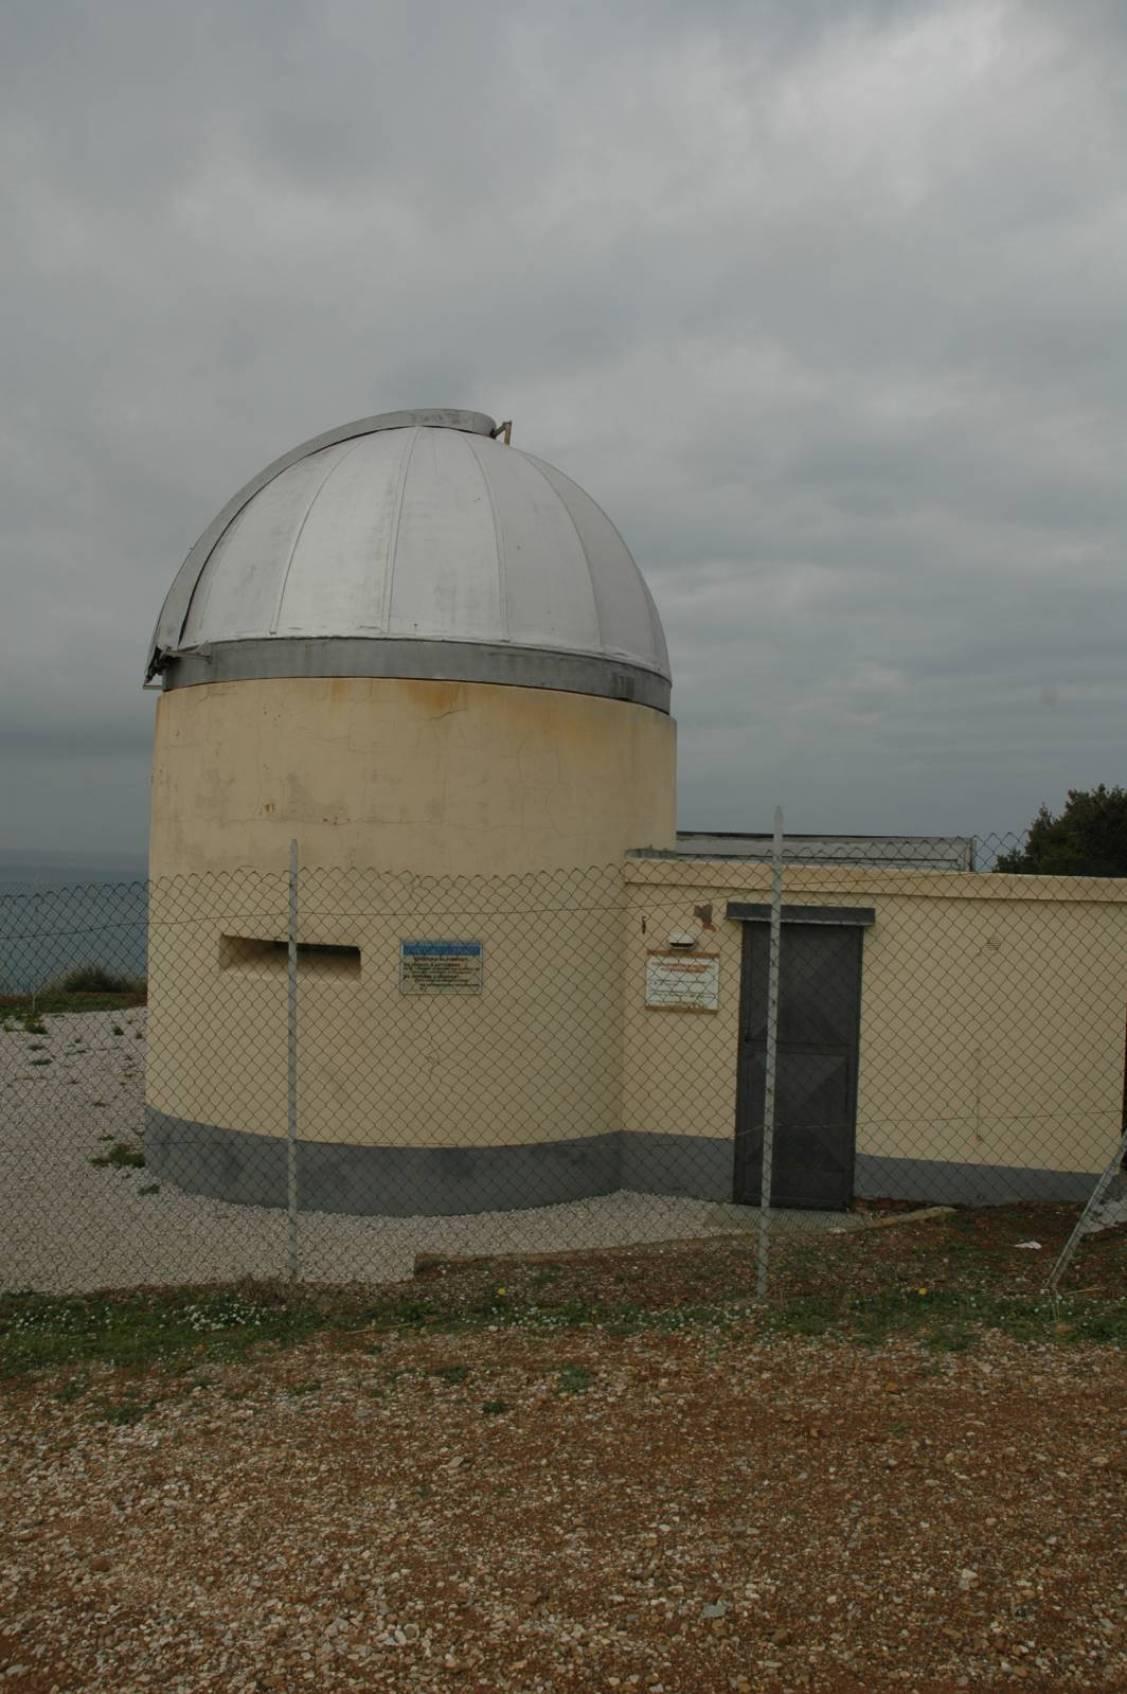 Dall'Osservatorio Astronomico parte un sentiero che collega le varie postazioni.